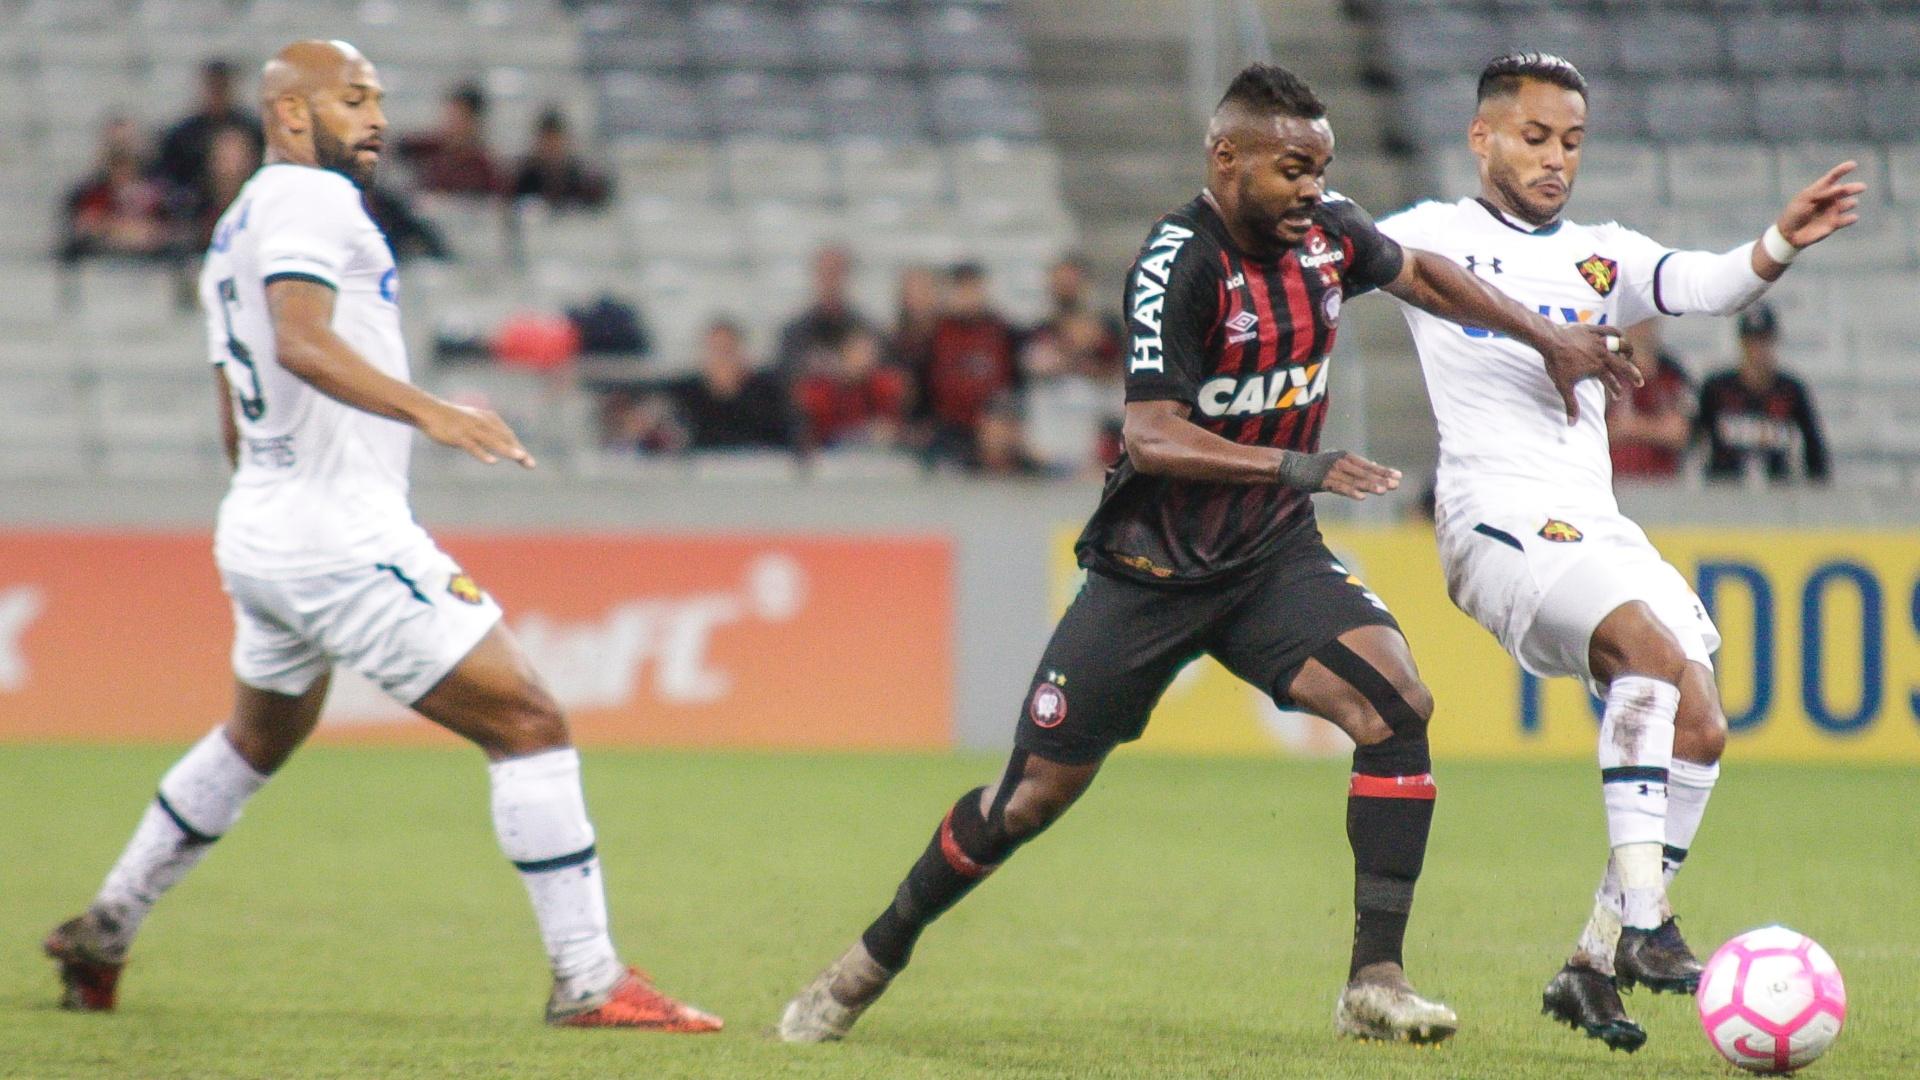 Nikão tenta se desvencilhar da marcação durante jogo do Atlético-PR contra o Sport